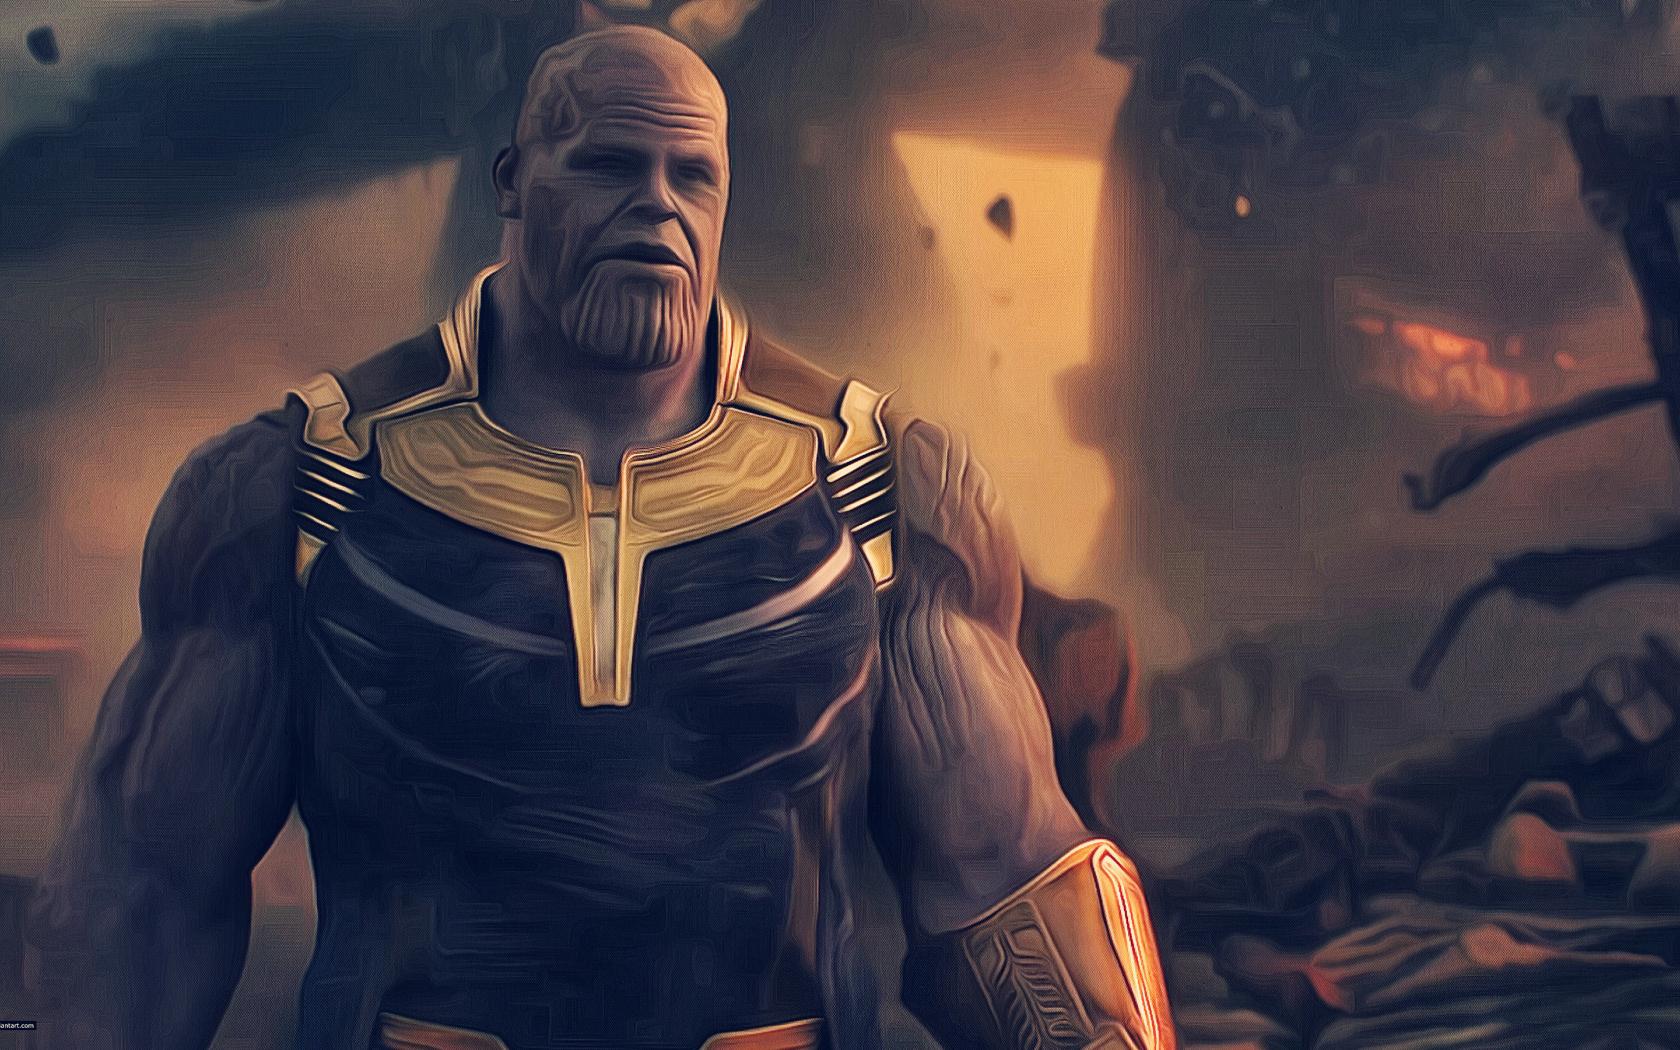 Best Ps Vita Games >> Thanos Avengers Infinity War Artwork, HD 4K Wallpaper